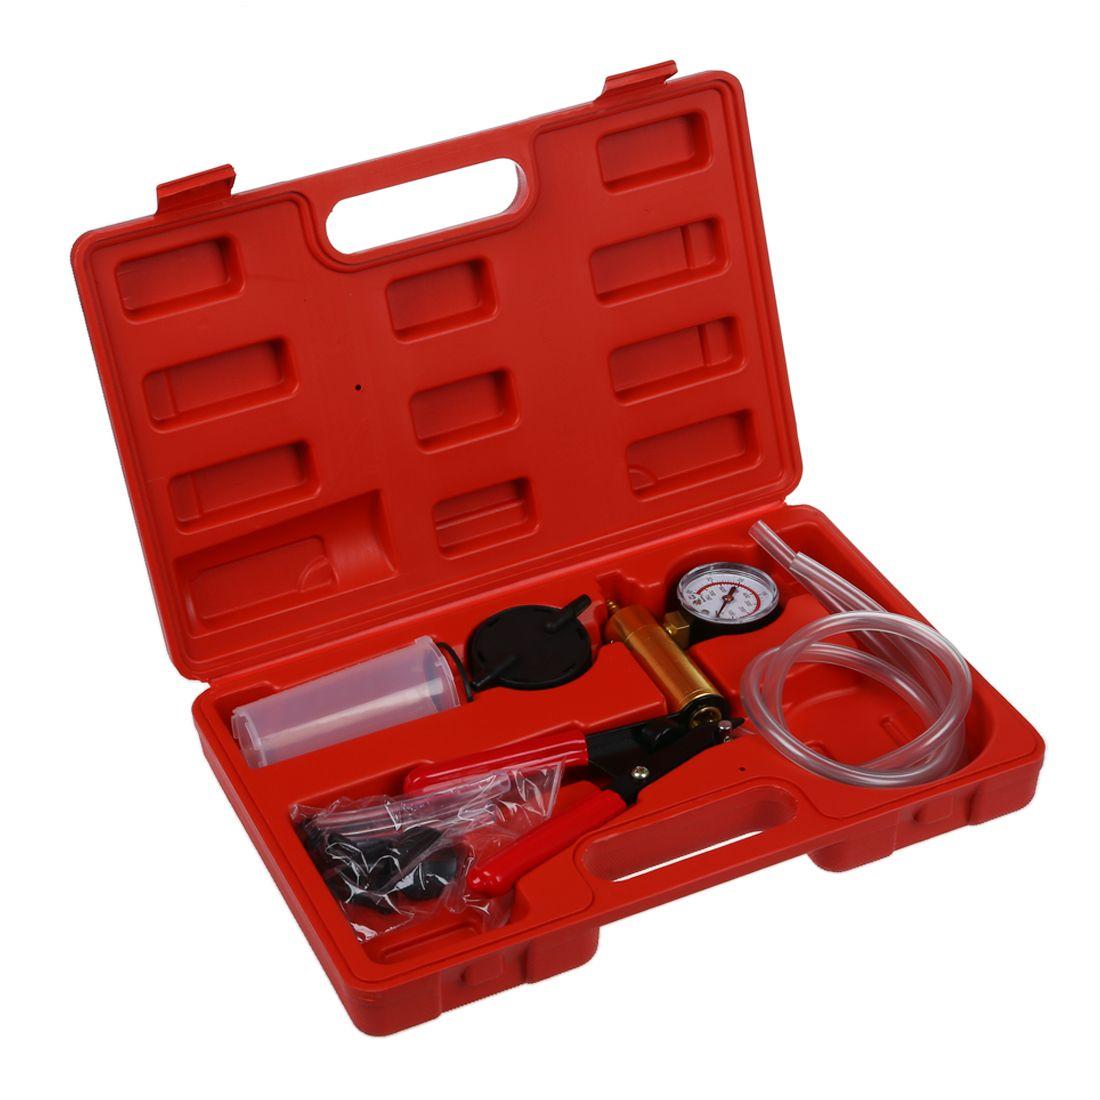 Vacuum Tester, Vacuum Pump Kit, Car Tool, Vacuum Testing Tool and Brake Bleeder